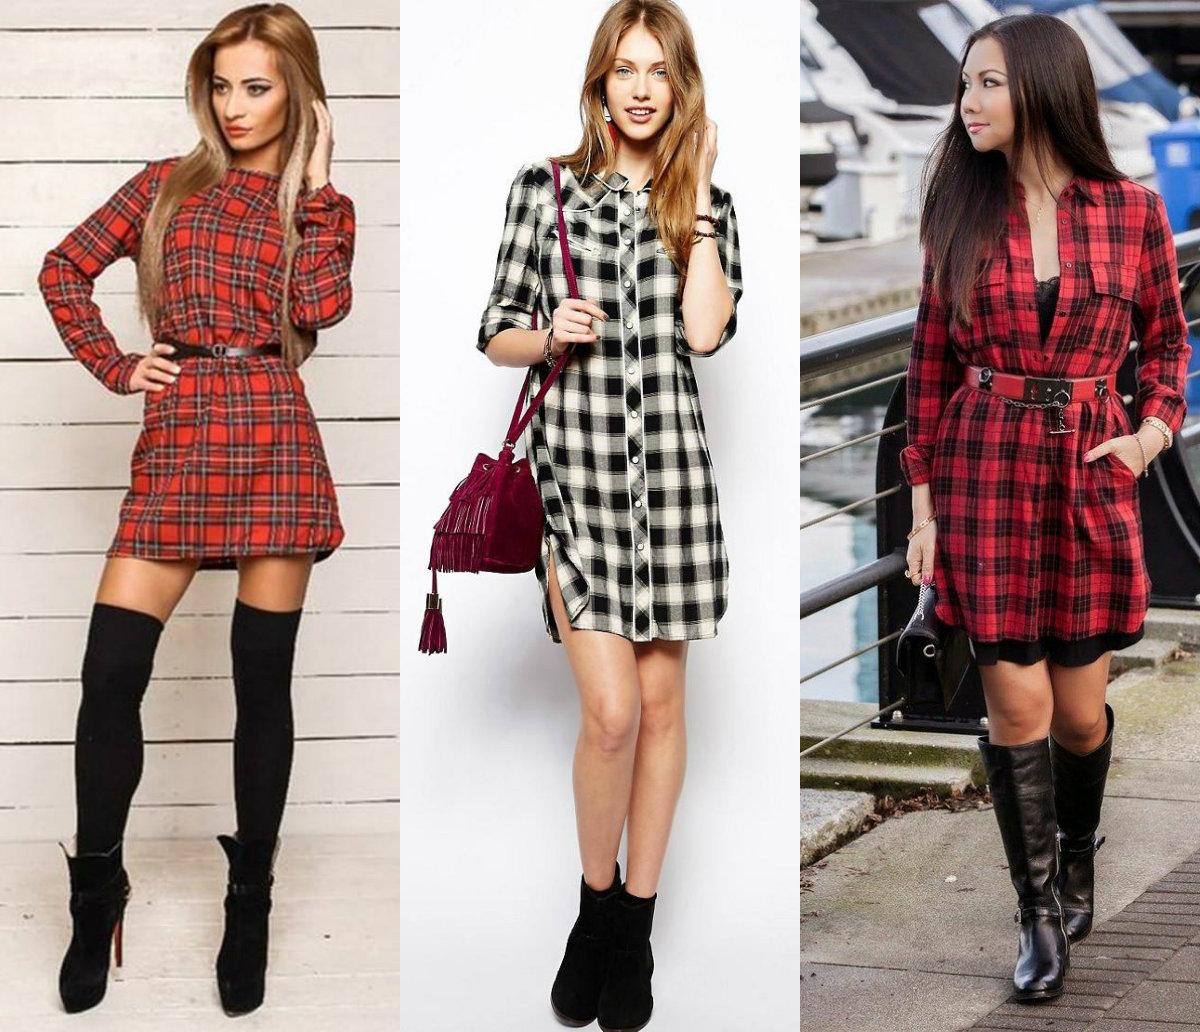 женская мода 2018 : платья в клетку